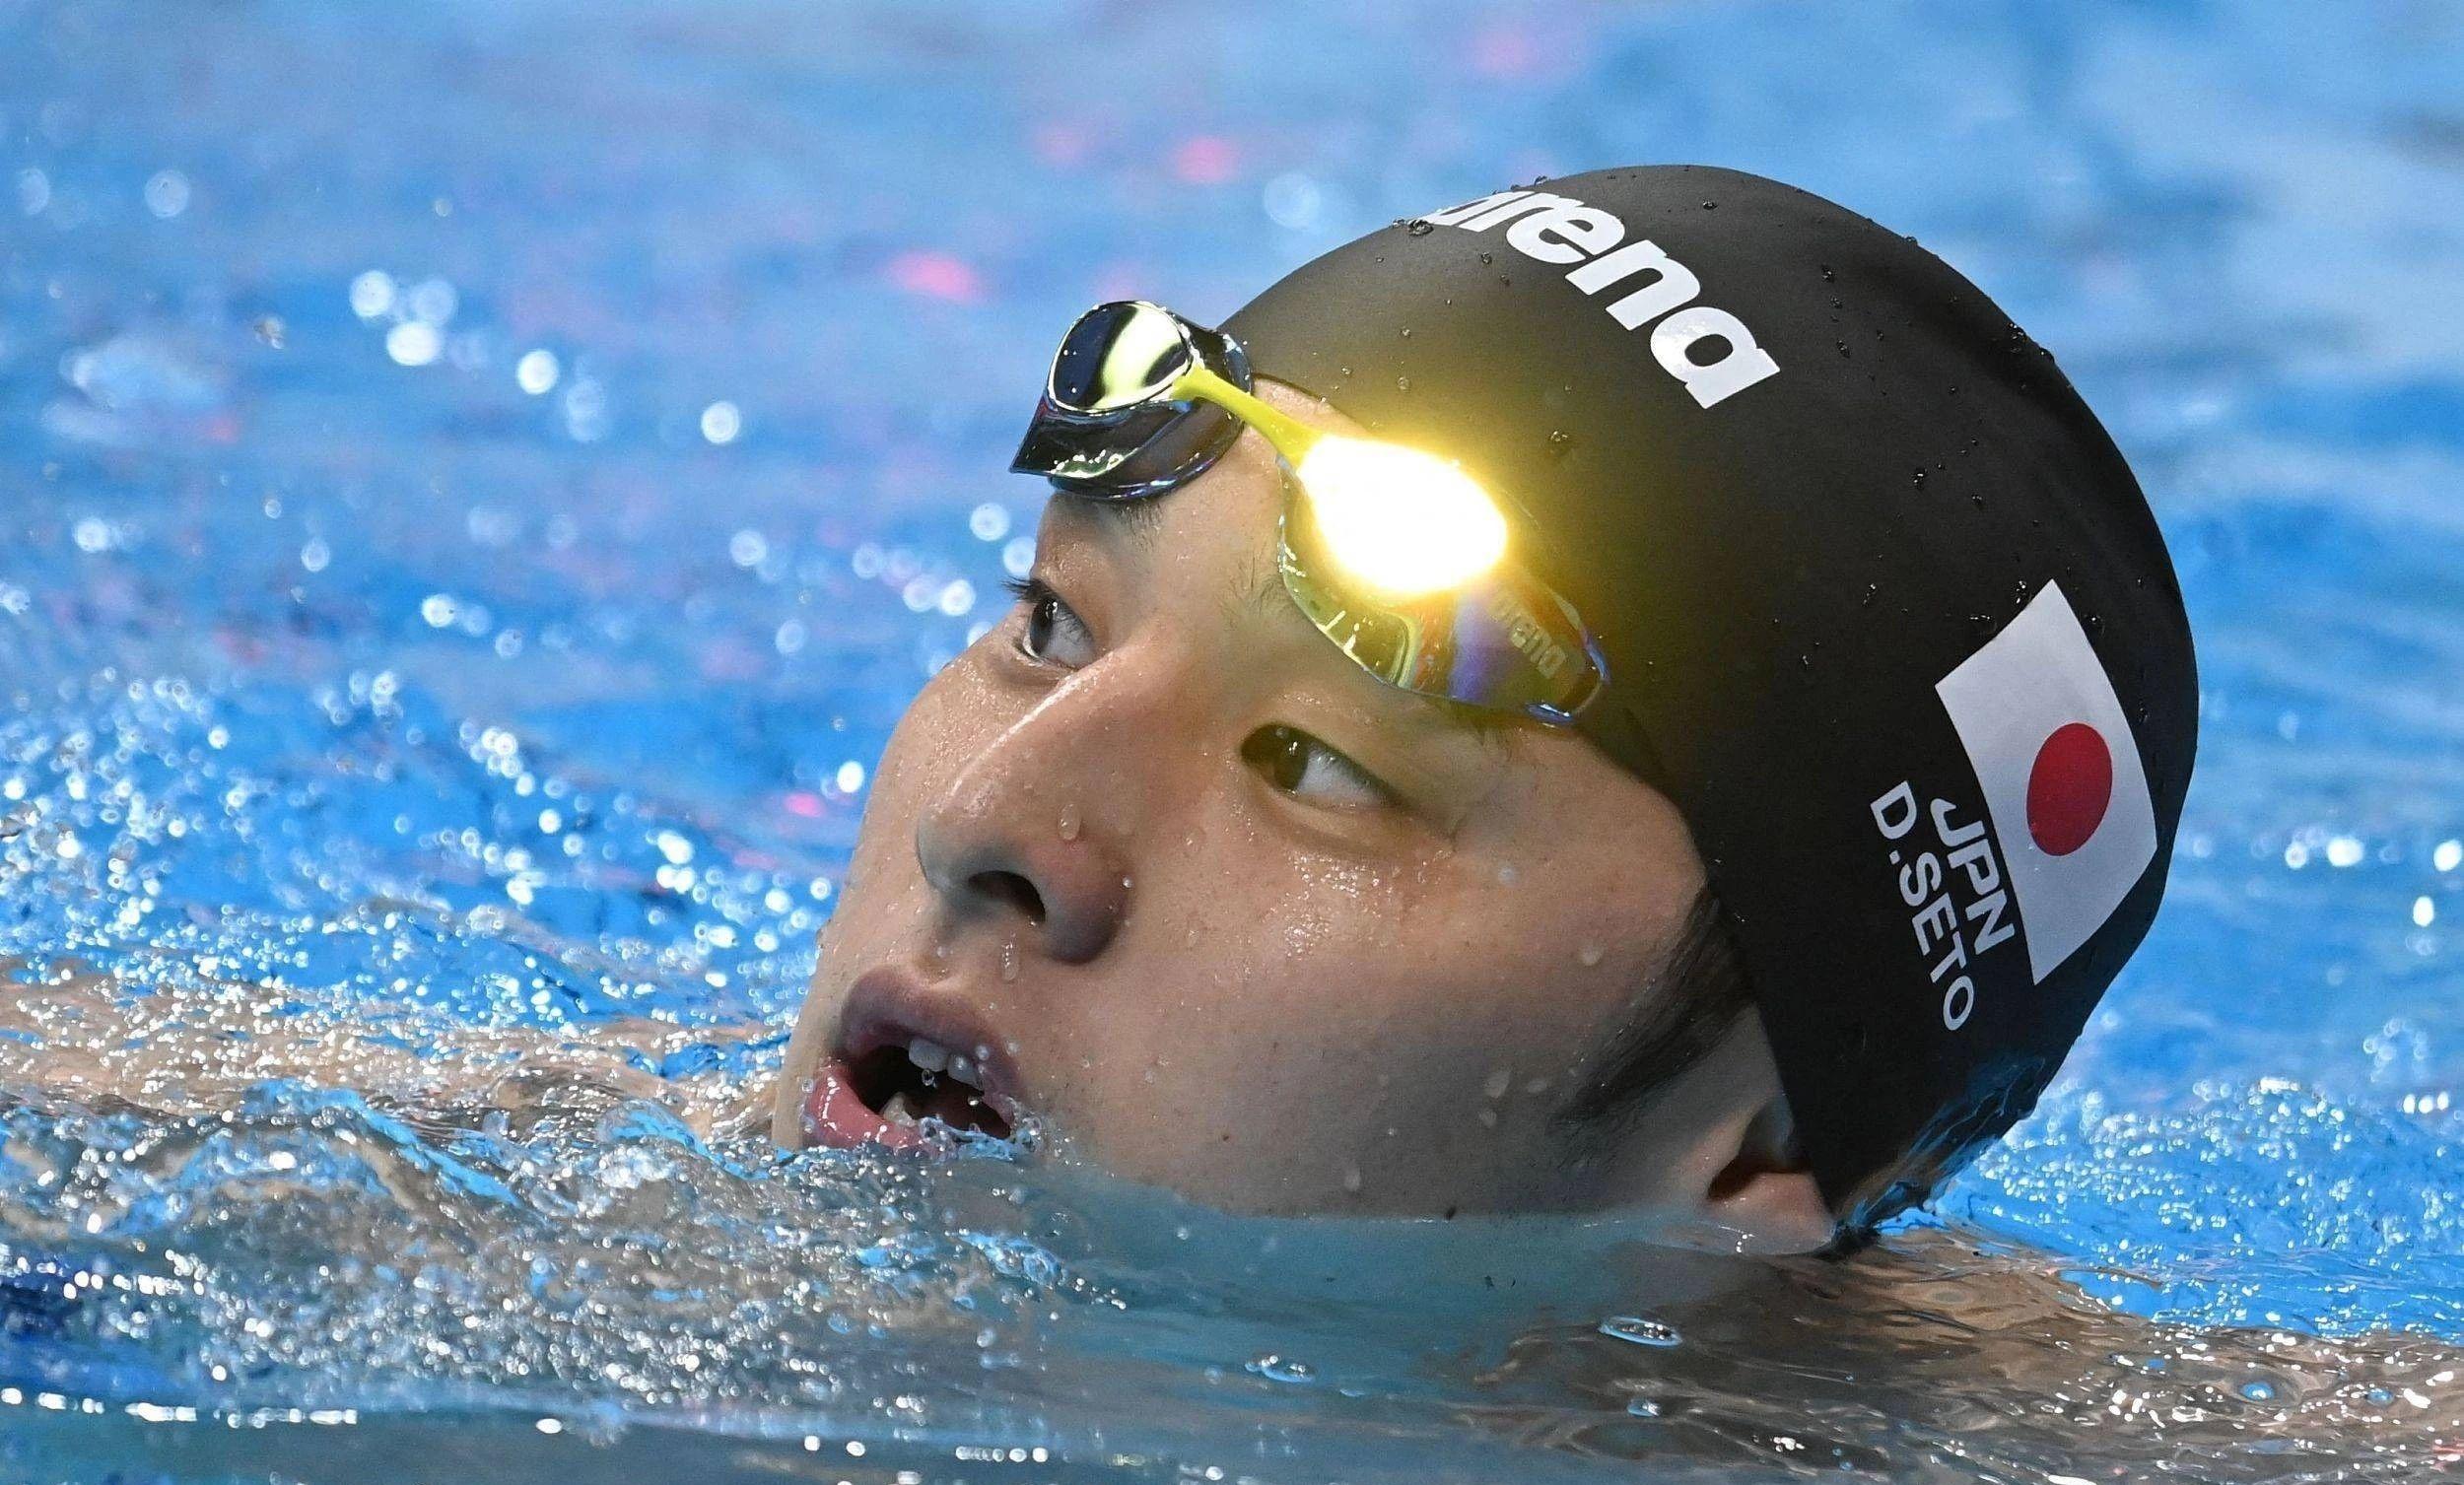 奥运夺冠失利的濑户大也过往的出轨丑闻也被网友挖出来疯狂炎上 (1)